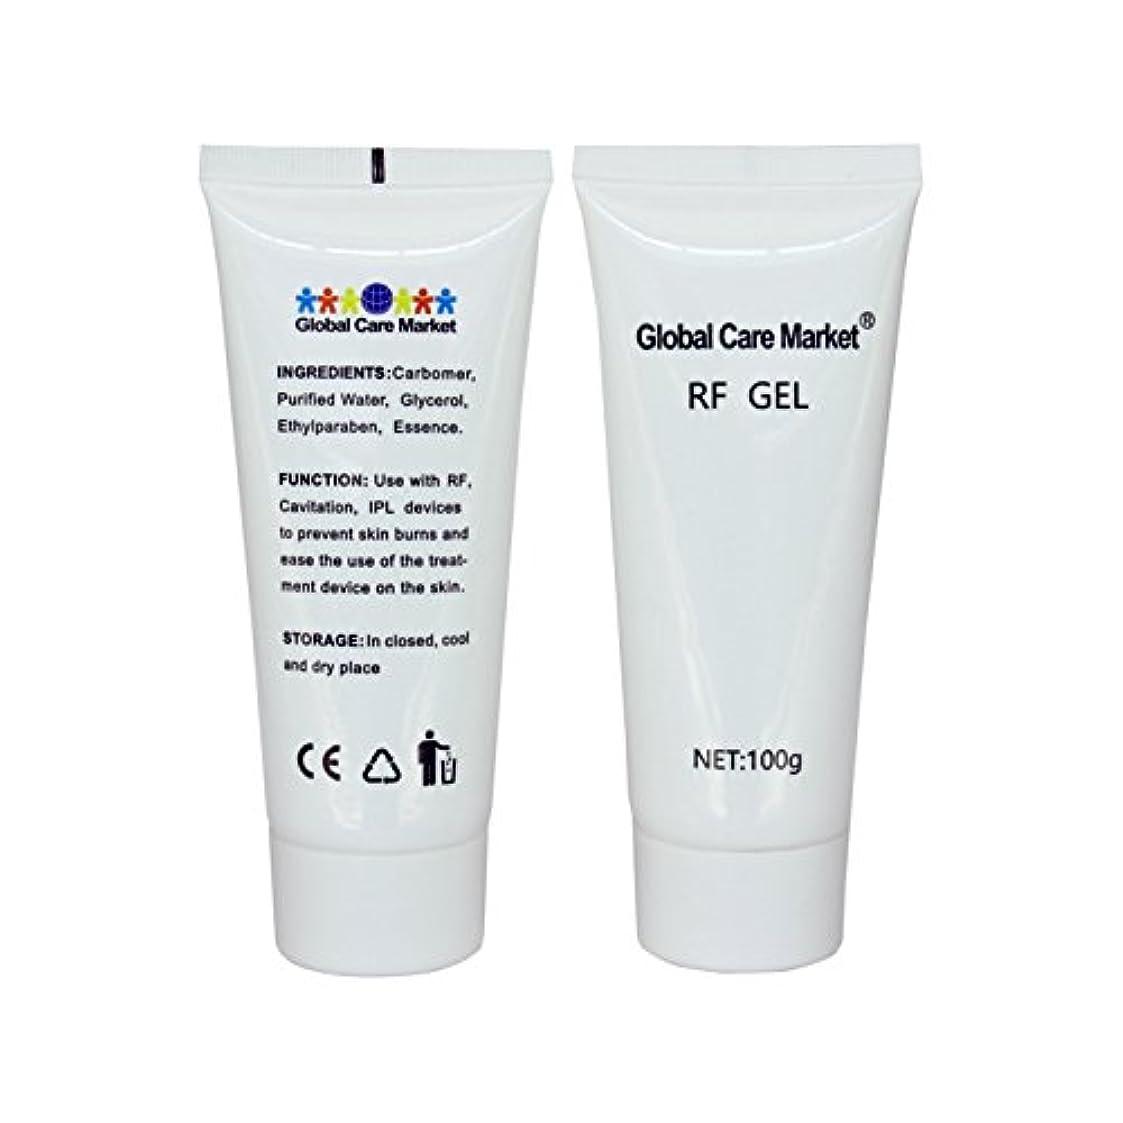 チーターハーネス羊飼いRF GEL(2 Pack) - 高周波治療装置に使用する皮膚冷却および潤滑です